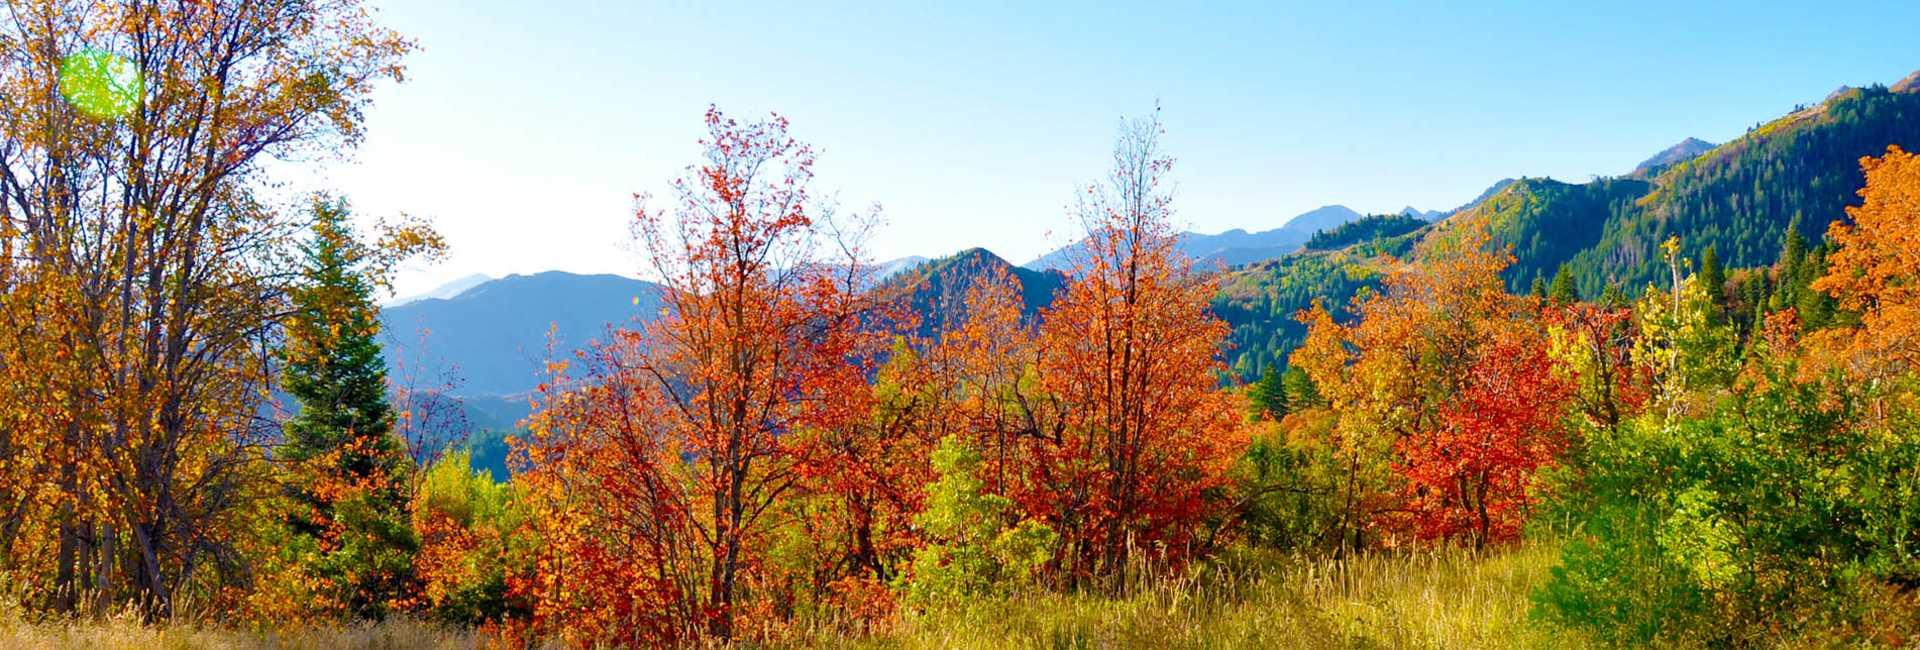 Utah Valley fall colors